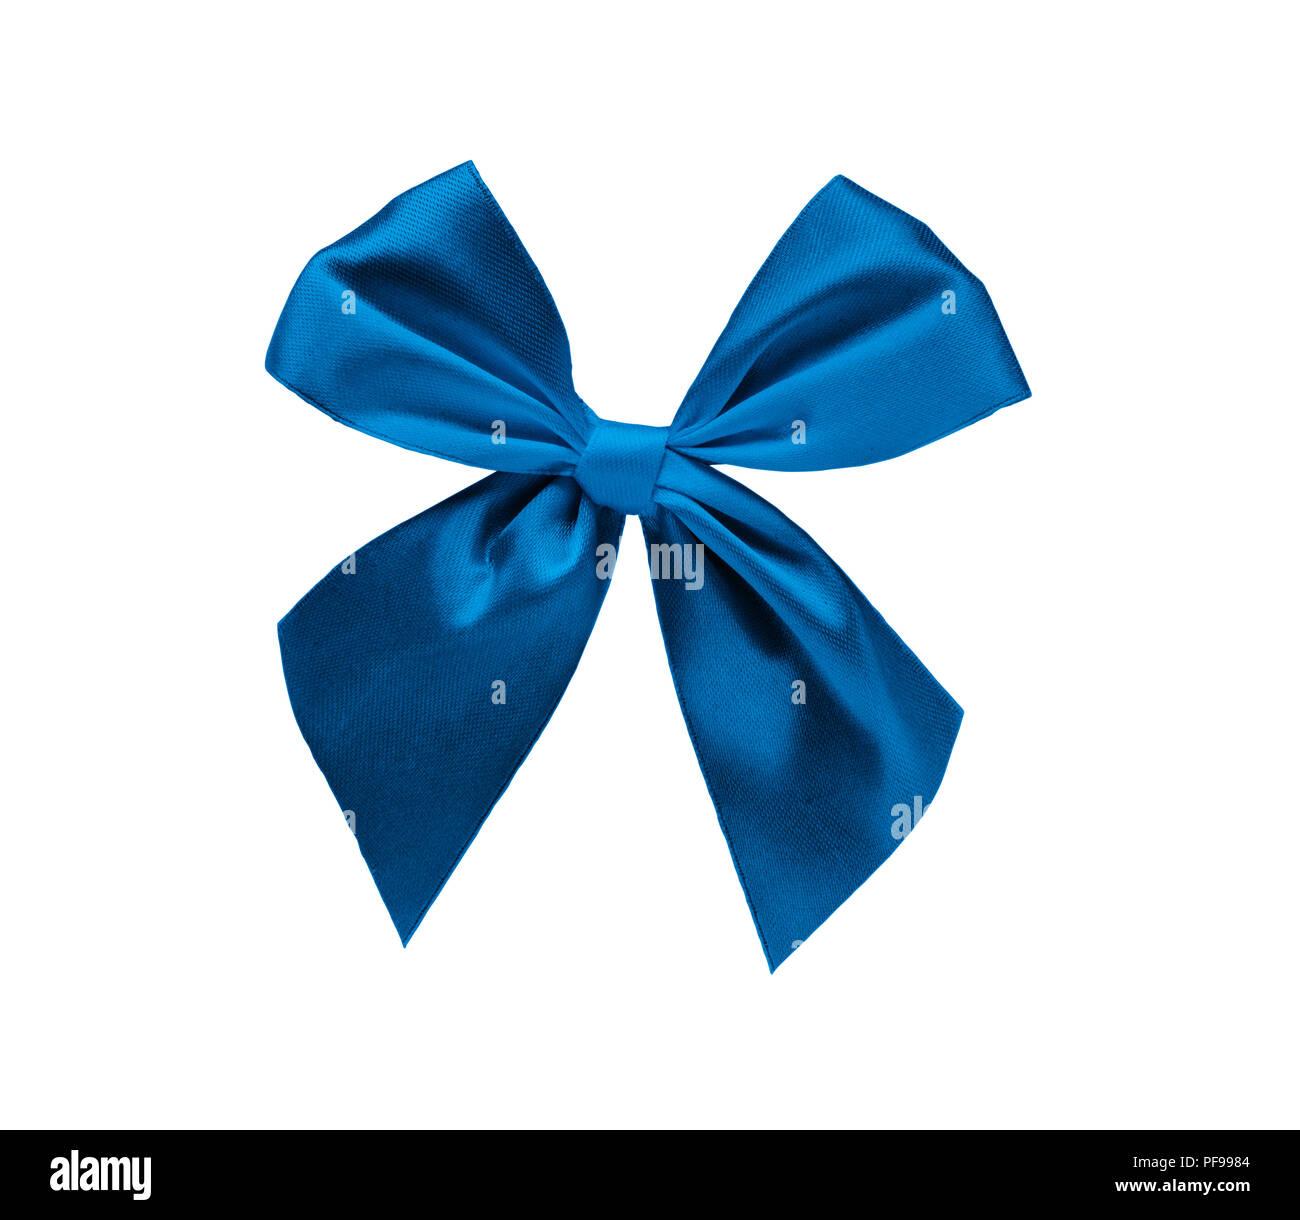 Elegant blue ribbon bow isolated over white background, design element - Stock Image